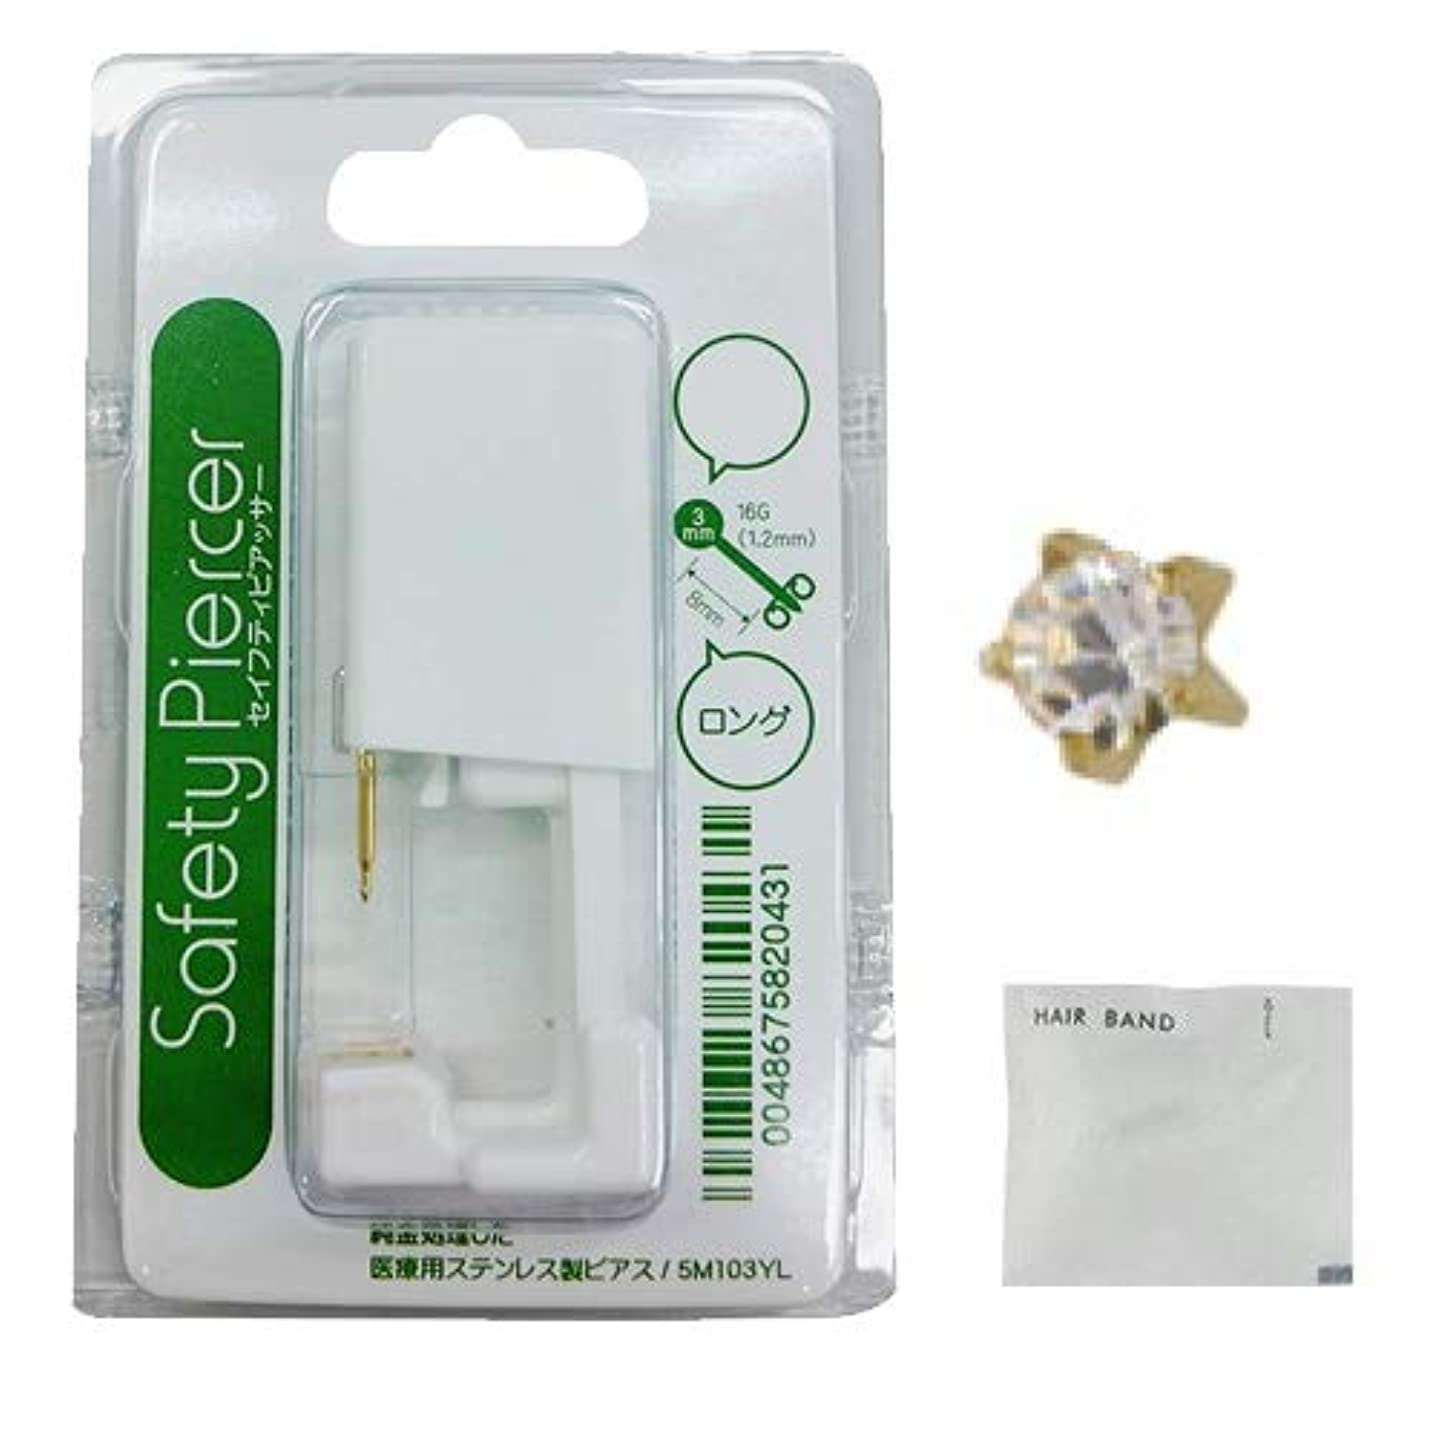 獲物わずかな記者セイフティピアッサー ゴールド ロングタイプ(片耳用) 5M104WL 4月ダイヤモンド×2個 + ヘアゴム(カラーはおまかせ)セット